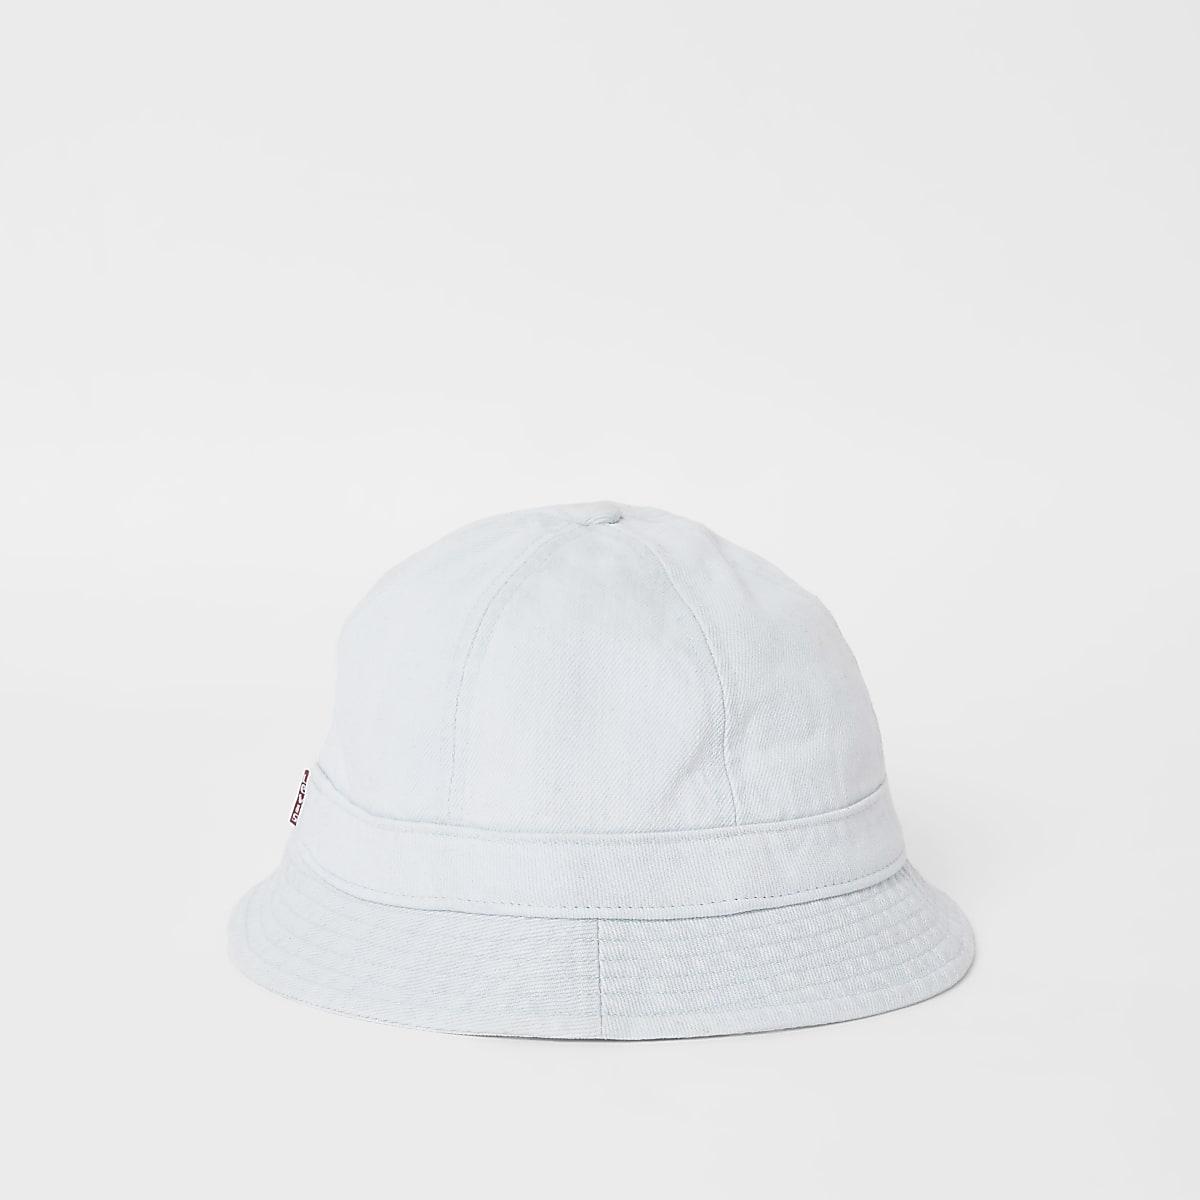 Levi's light blue washed denim bucket hat